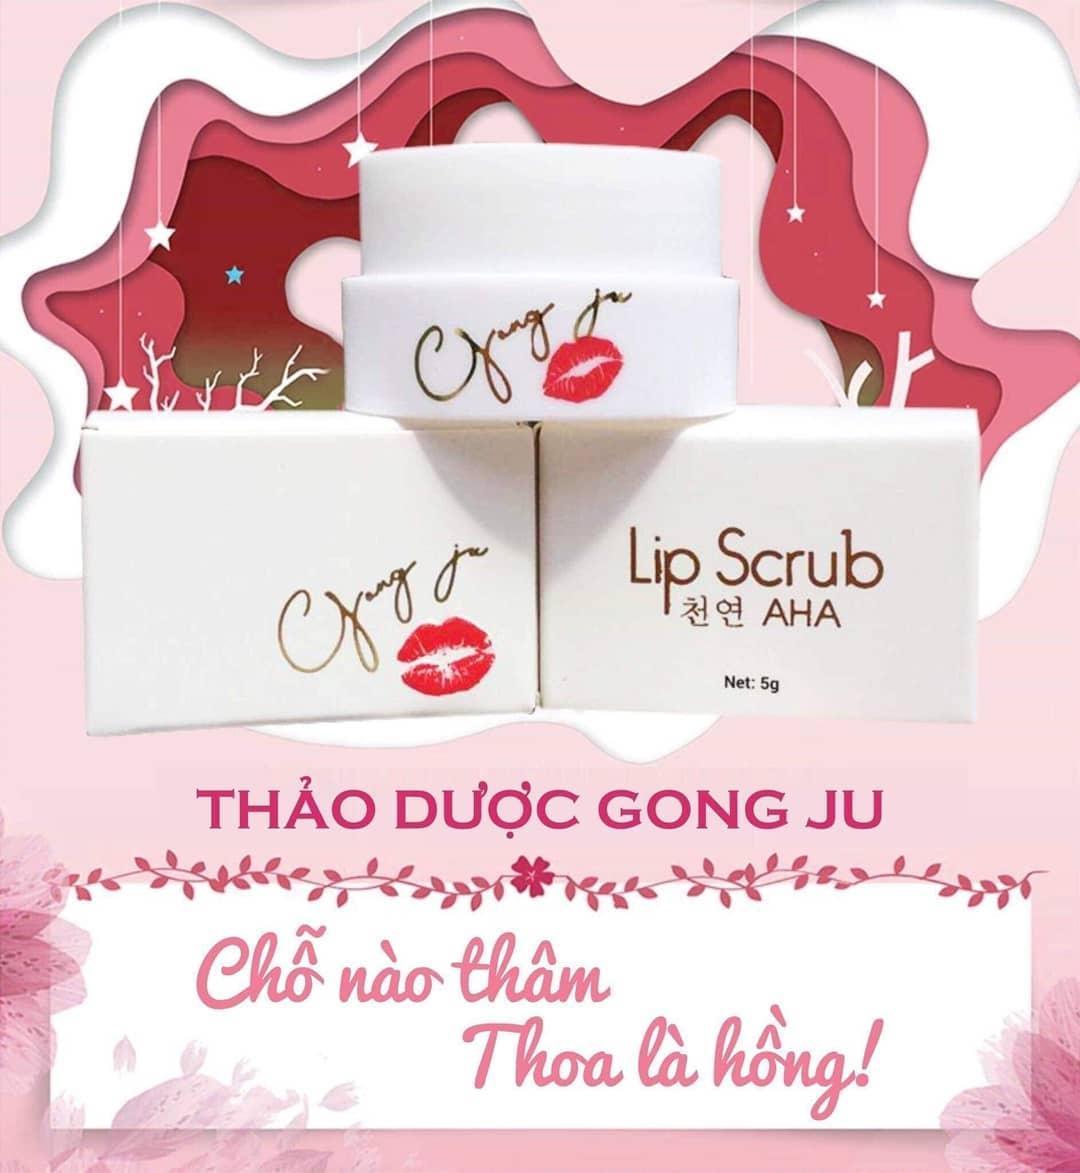 Ủ trị thâm môi hồng nhũ hoa Lip Scrub AHA – Hàn quốc tốt nhất